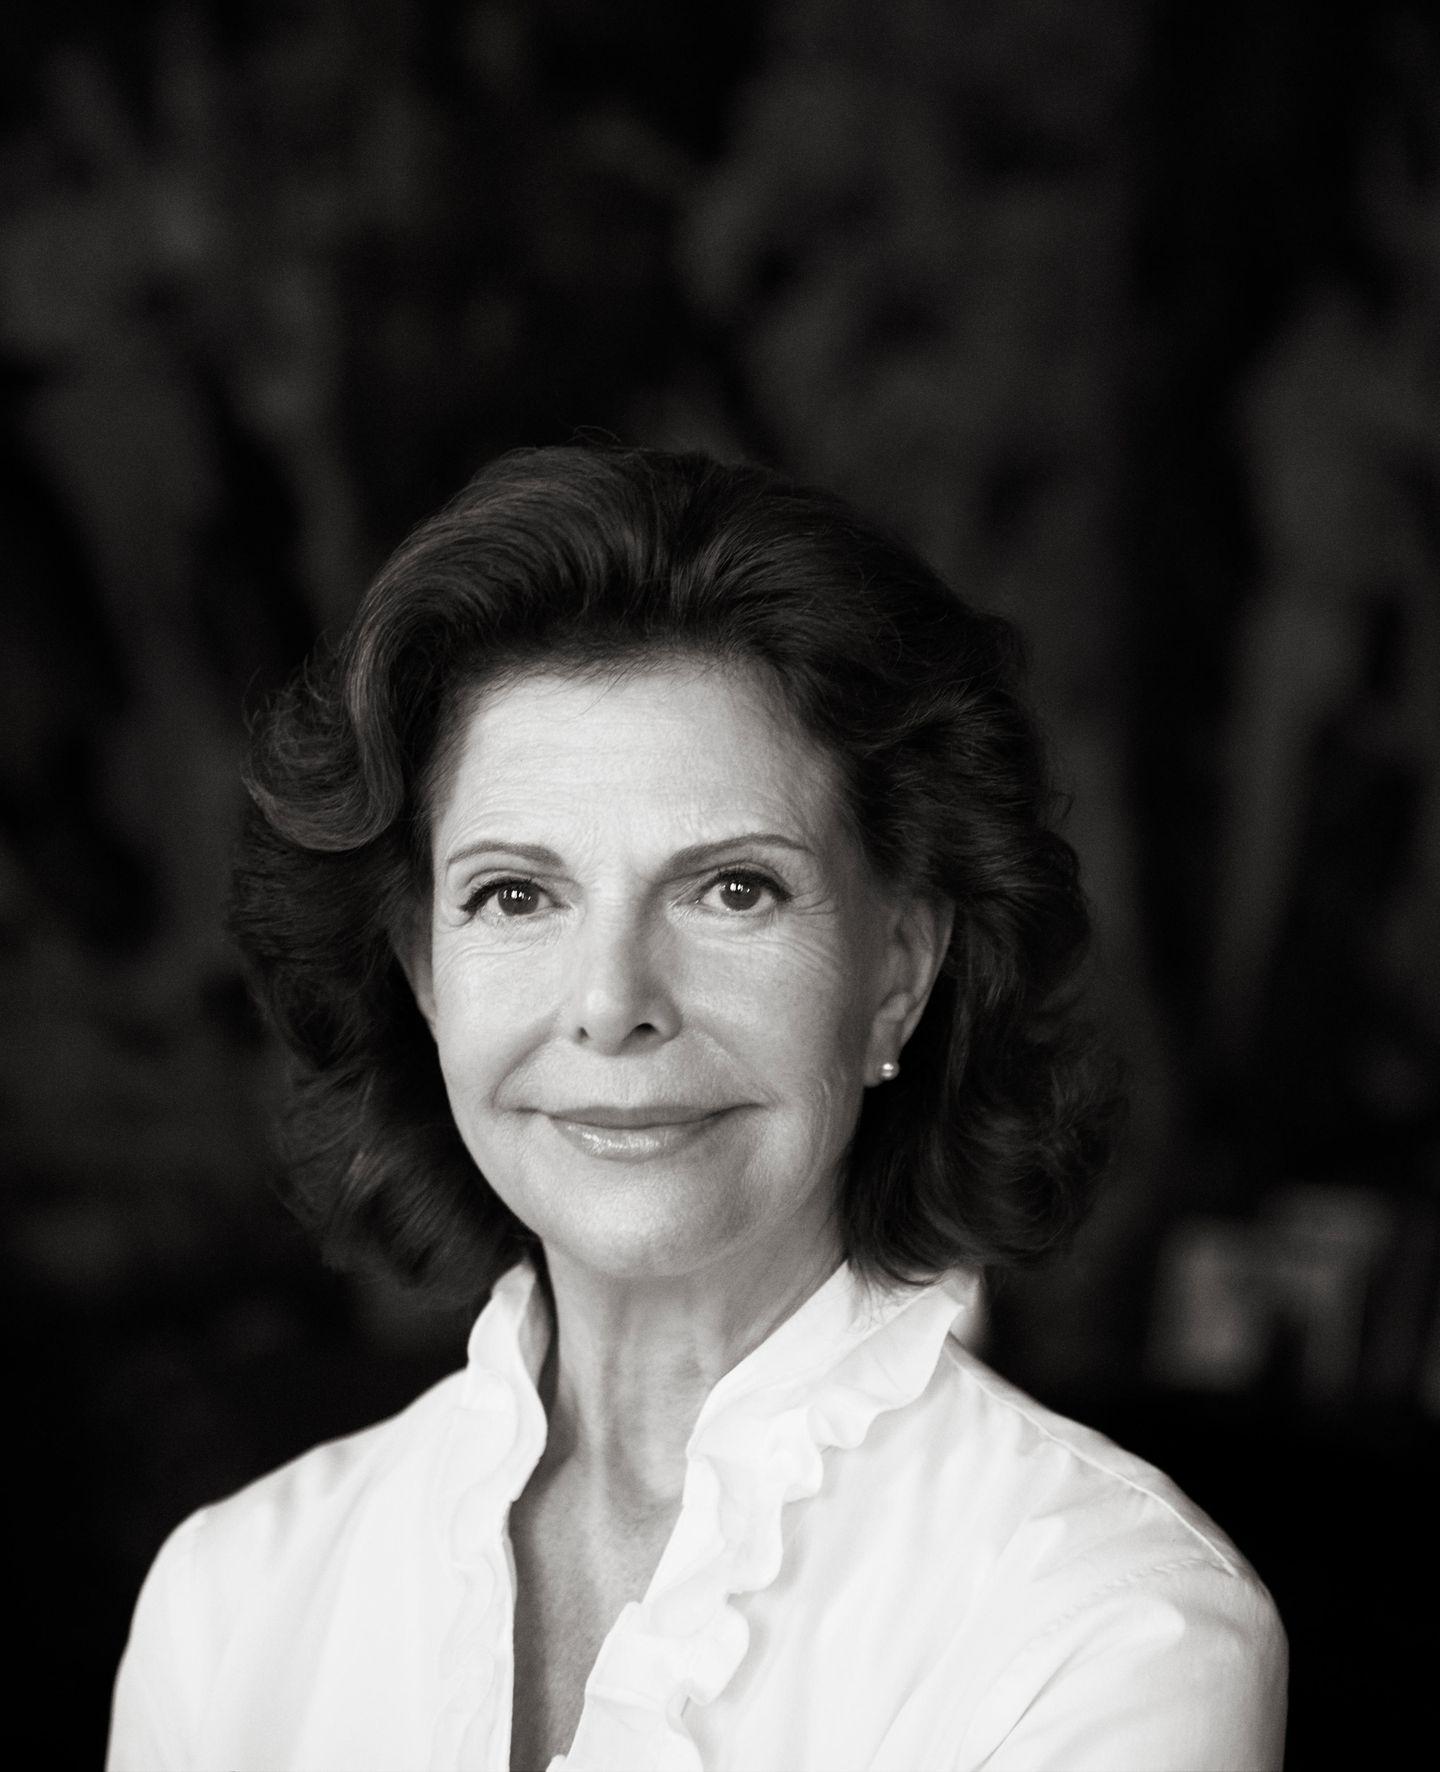 23. Dezember 2018  An ihrem 75. Geburtstag veröffentlicht der schwedische Hof dieses schöne Schwarz-Weiß-Porträt von Königin Silvia.